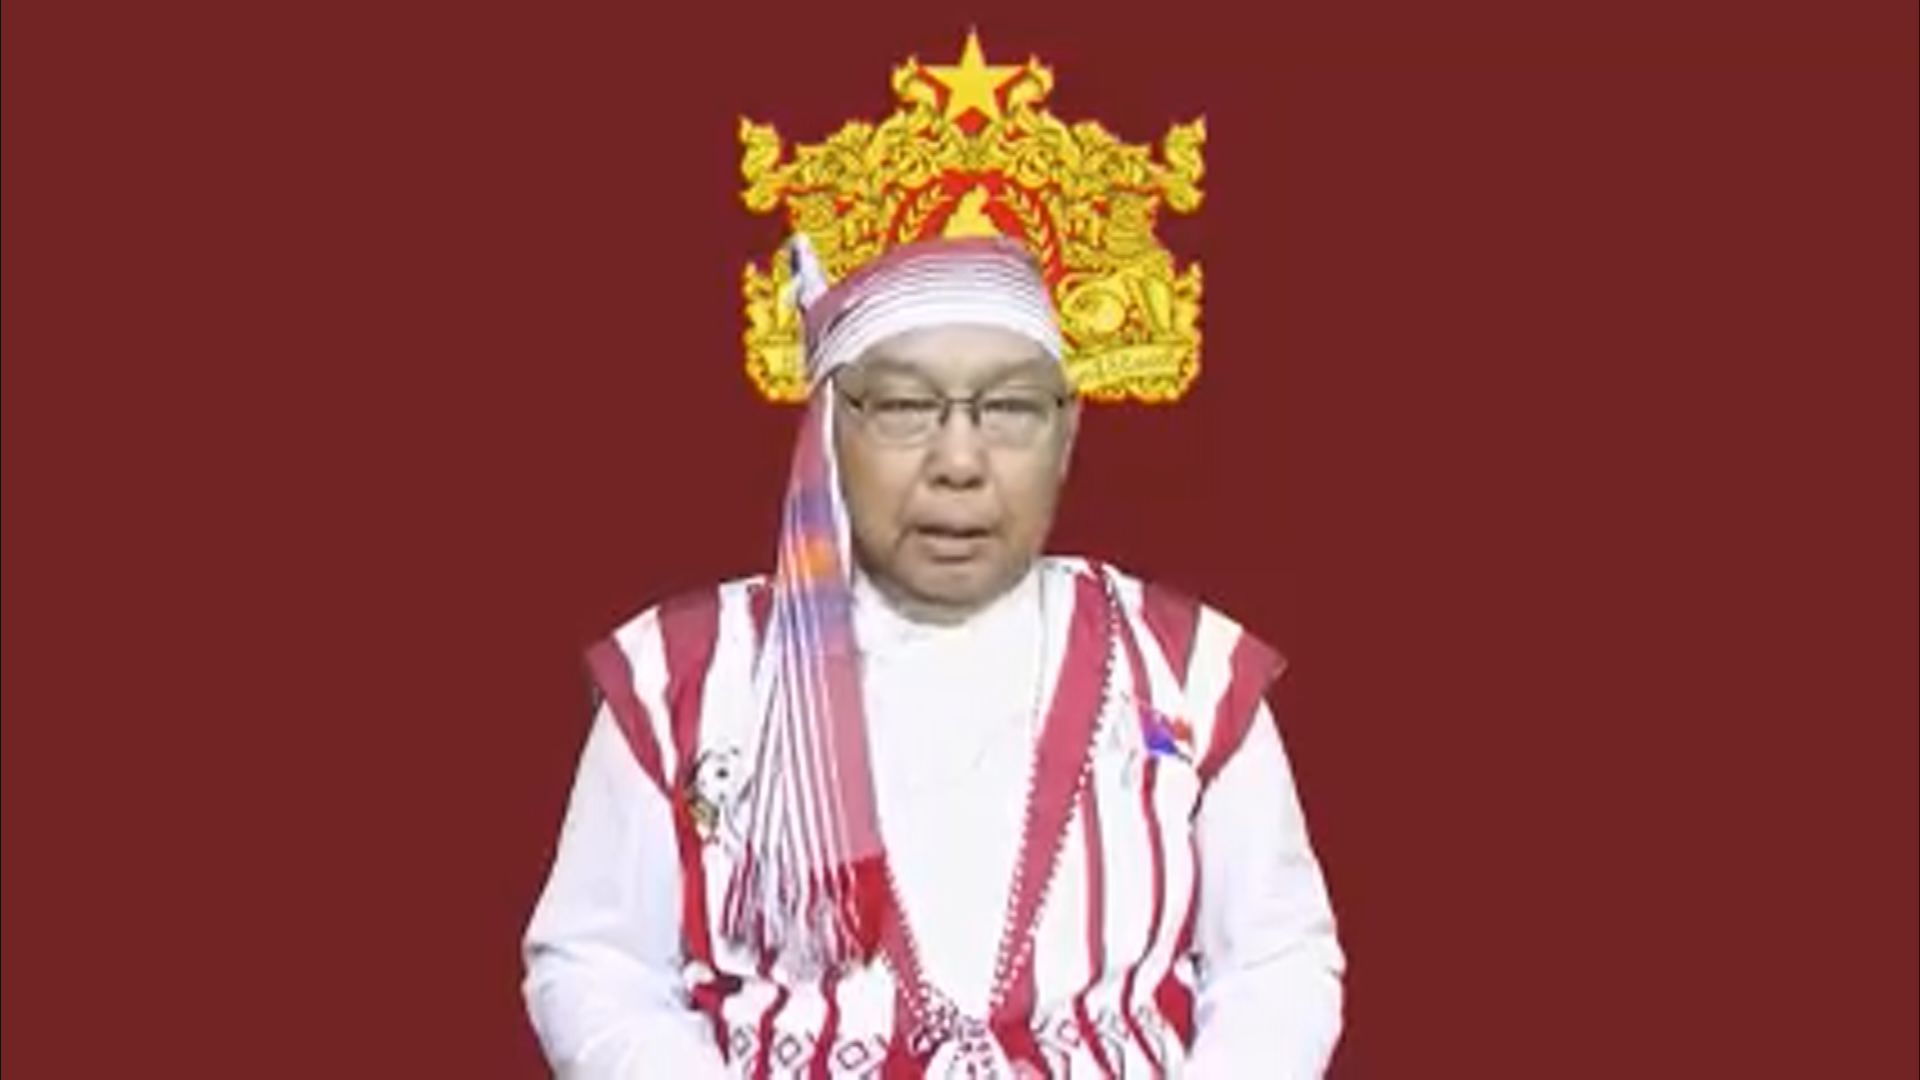 緬甸平行政府稱將以革命手段推翻軍政府